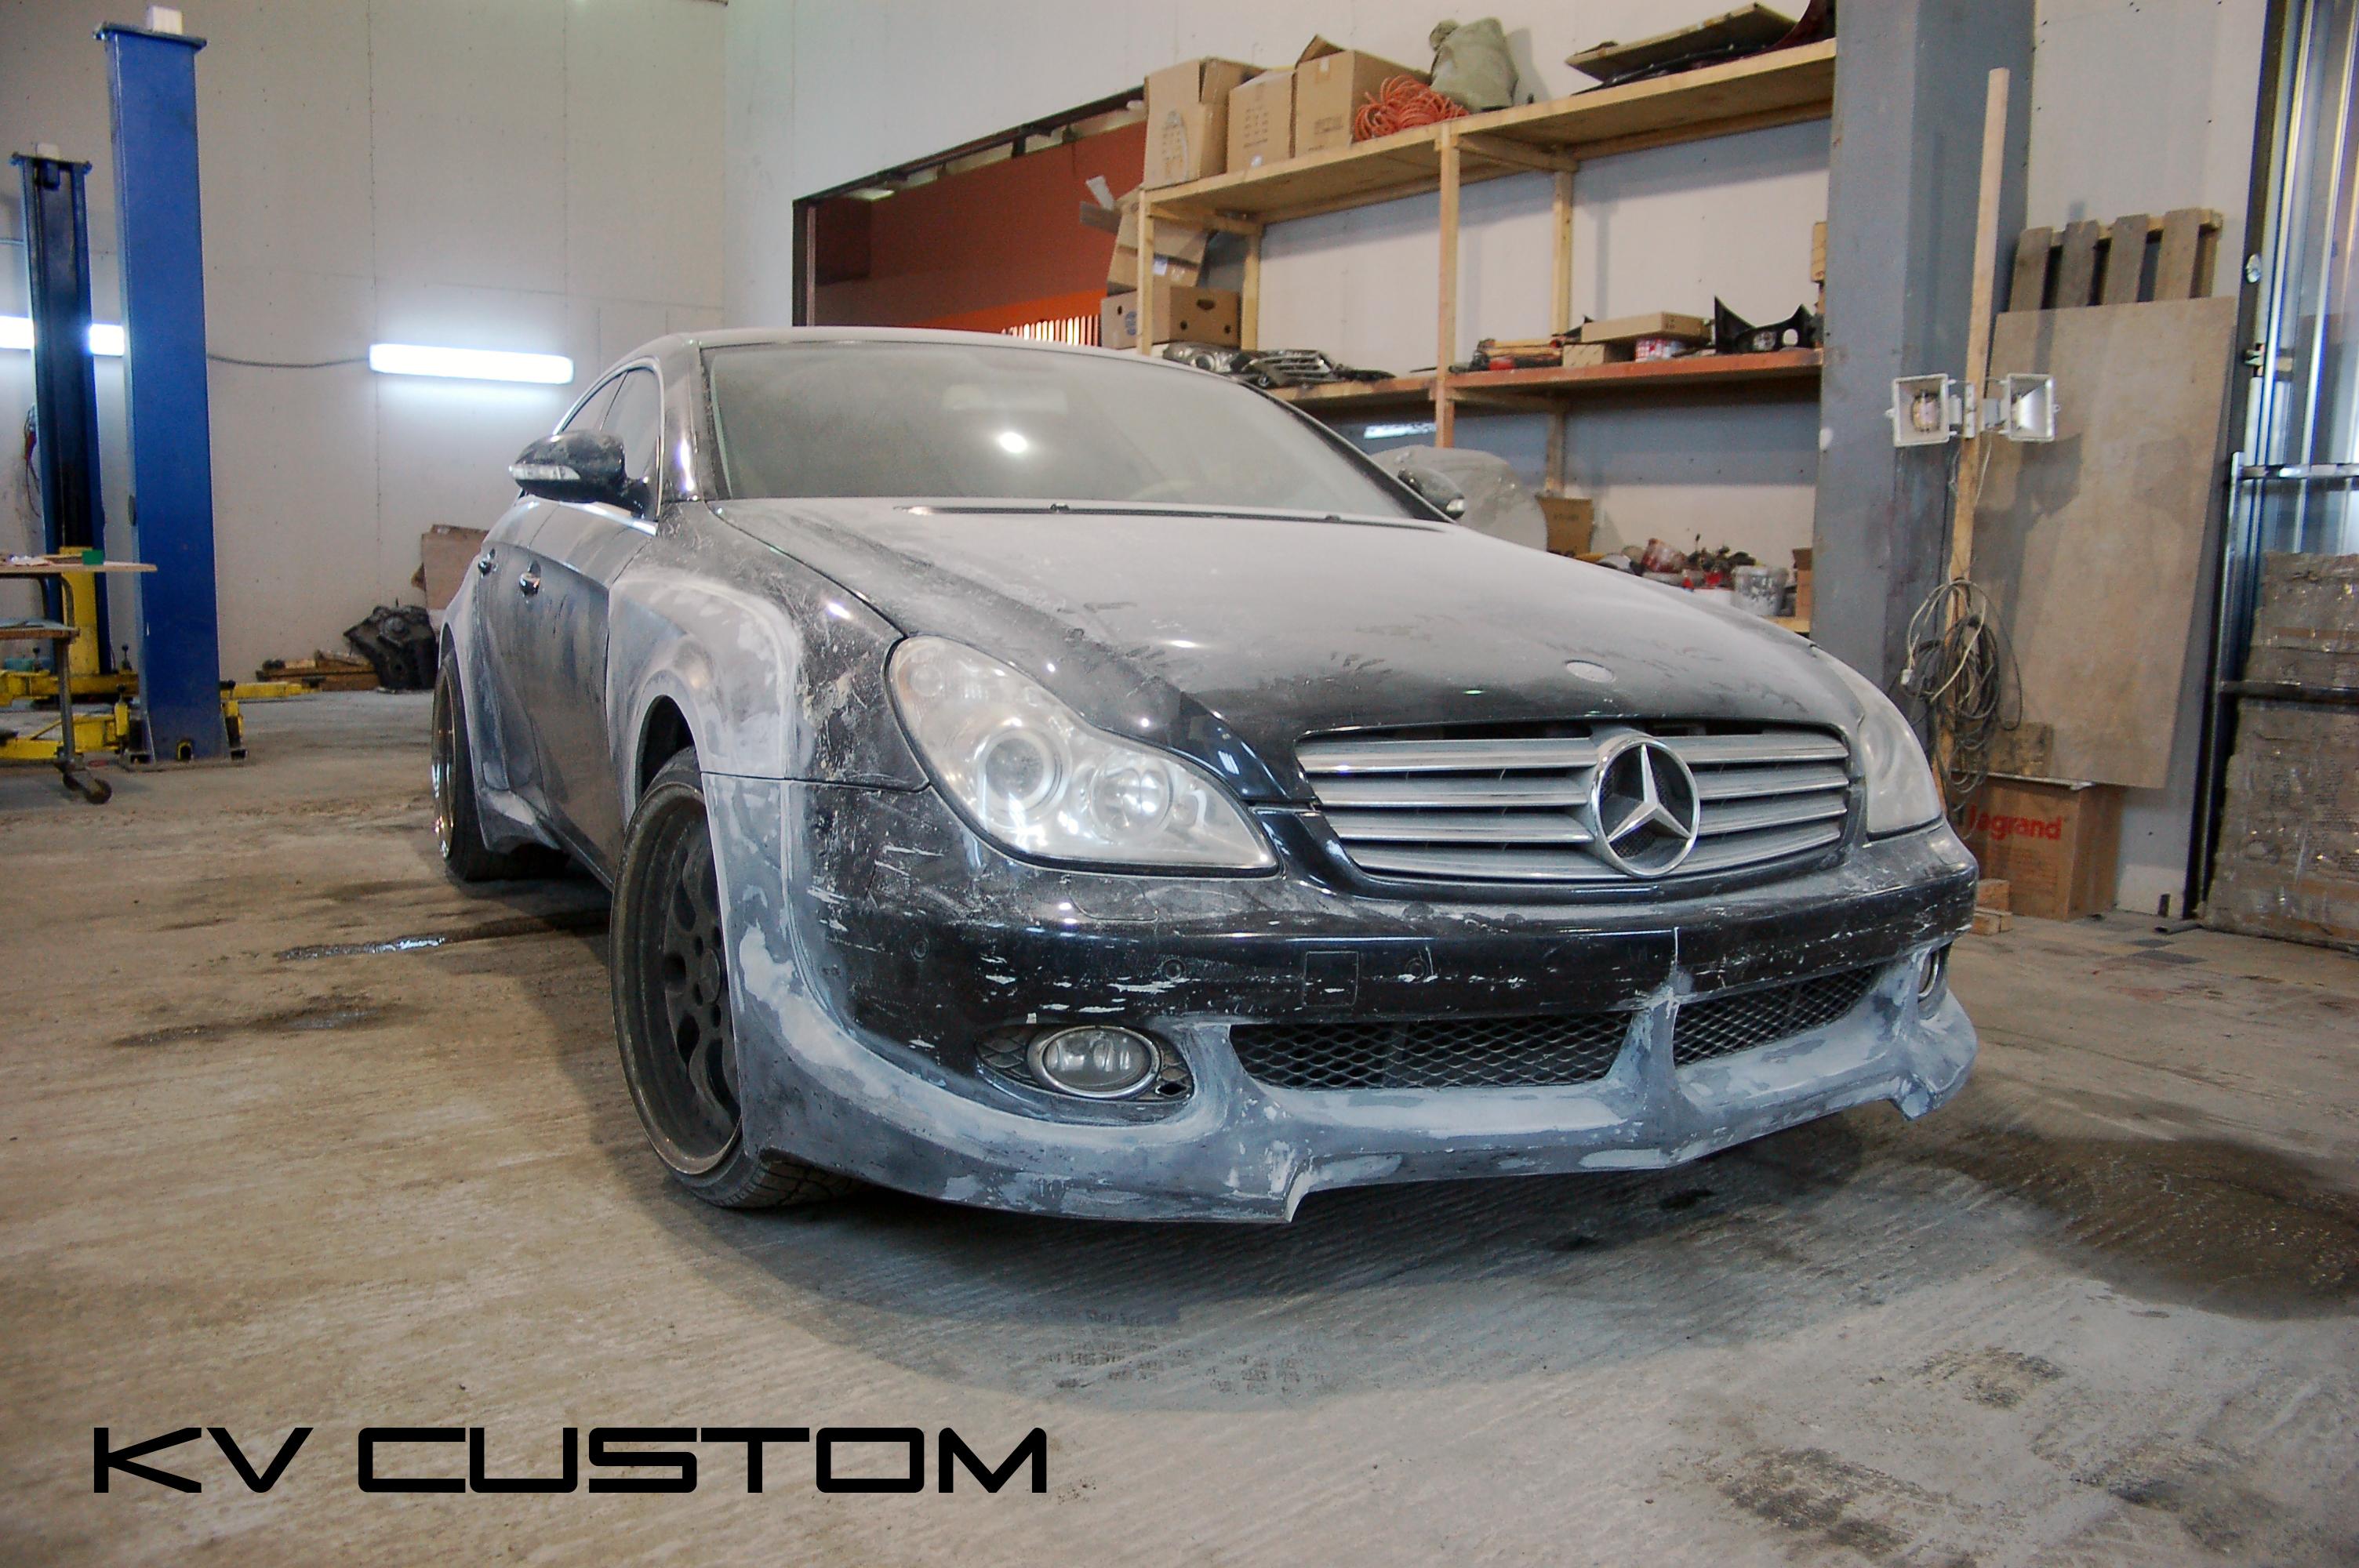 Изготовление обвеса mercedes kv custom - это гарантиЯ каЧест.